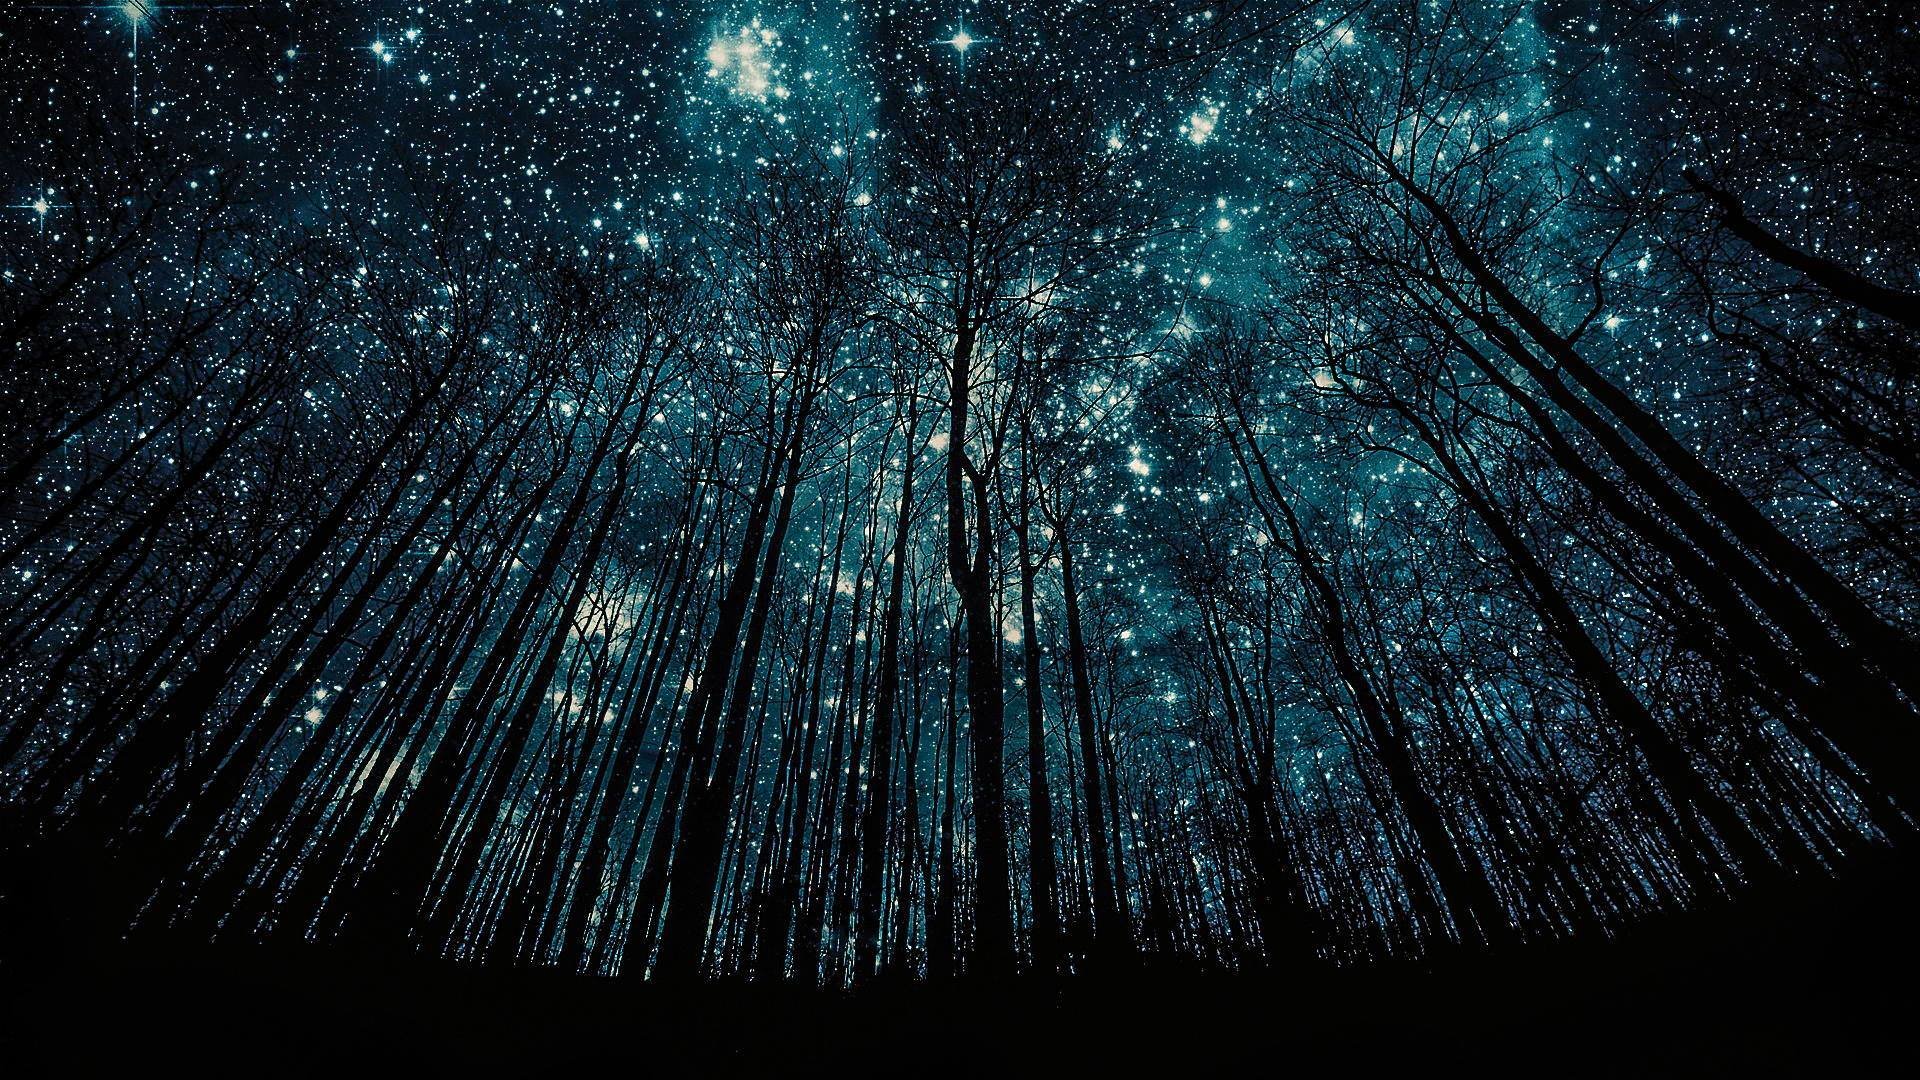 Обои На Телефон Звездное Небо Скачать Бесплатно